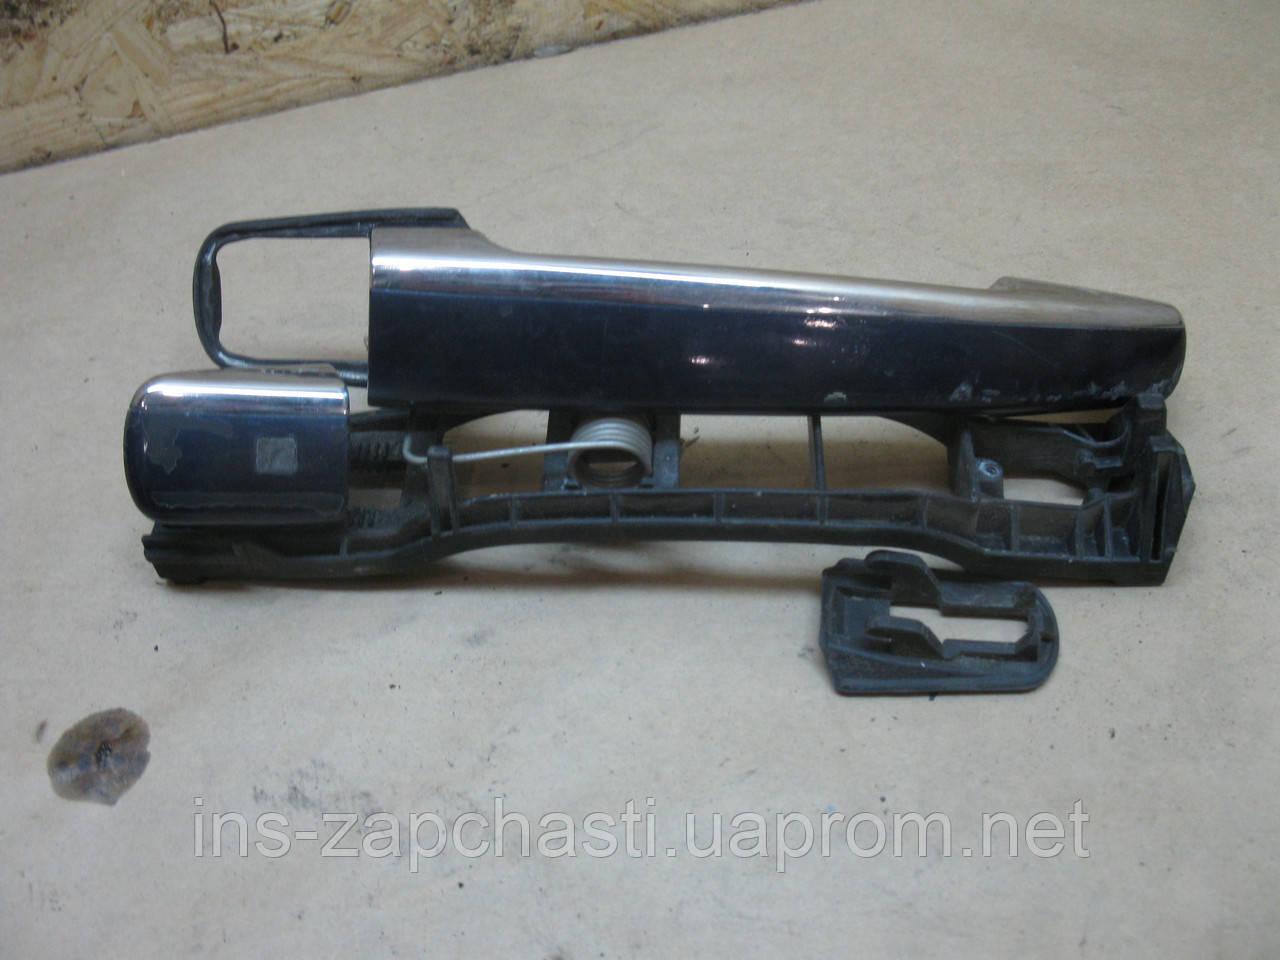 Ручка двери передней правой Mercedes-Benz W210 Авангард Ручка двери передней правой Mercedes-Benz W210 Авангар